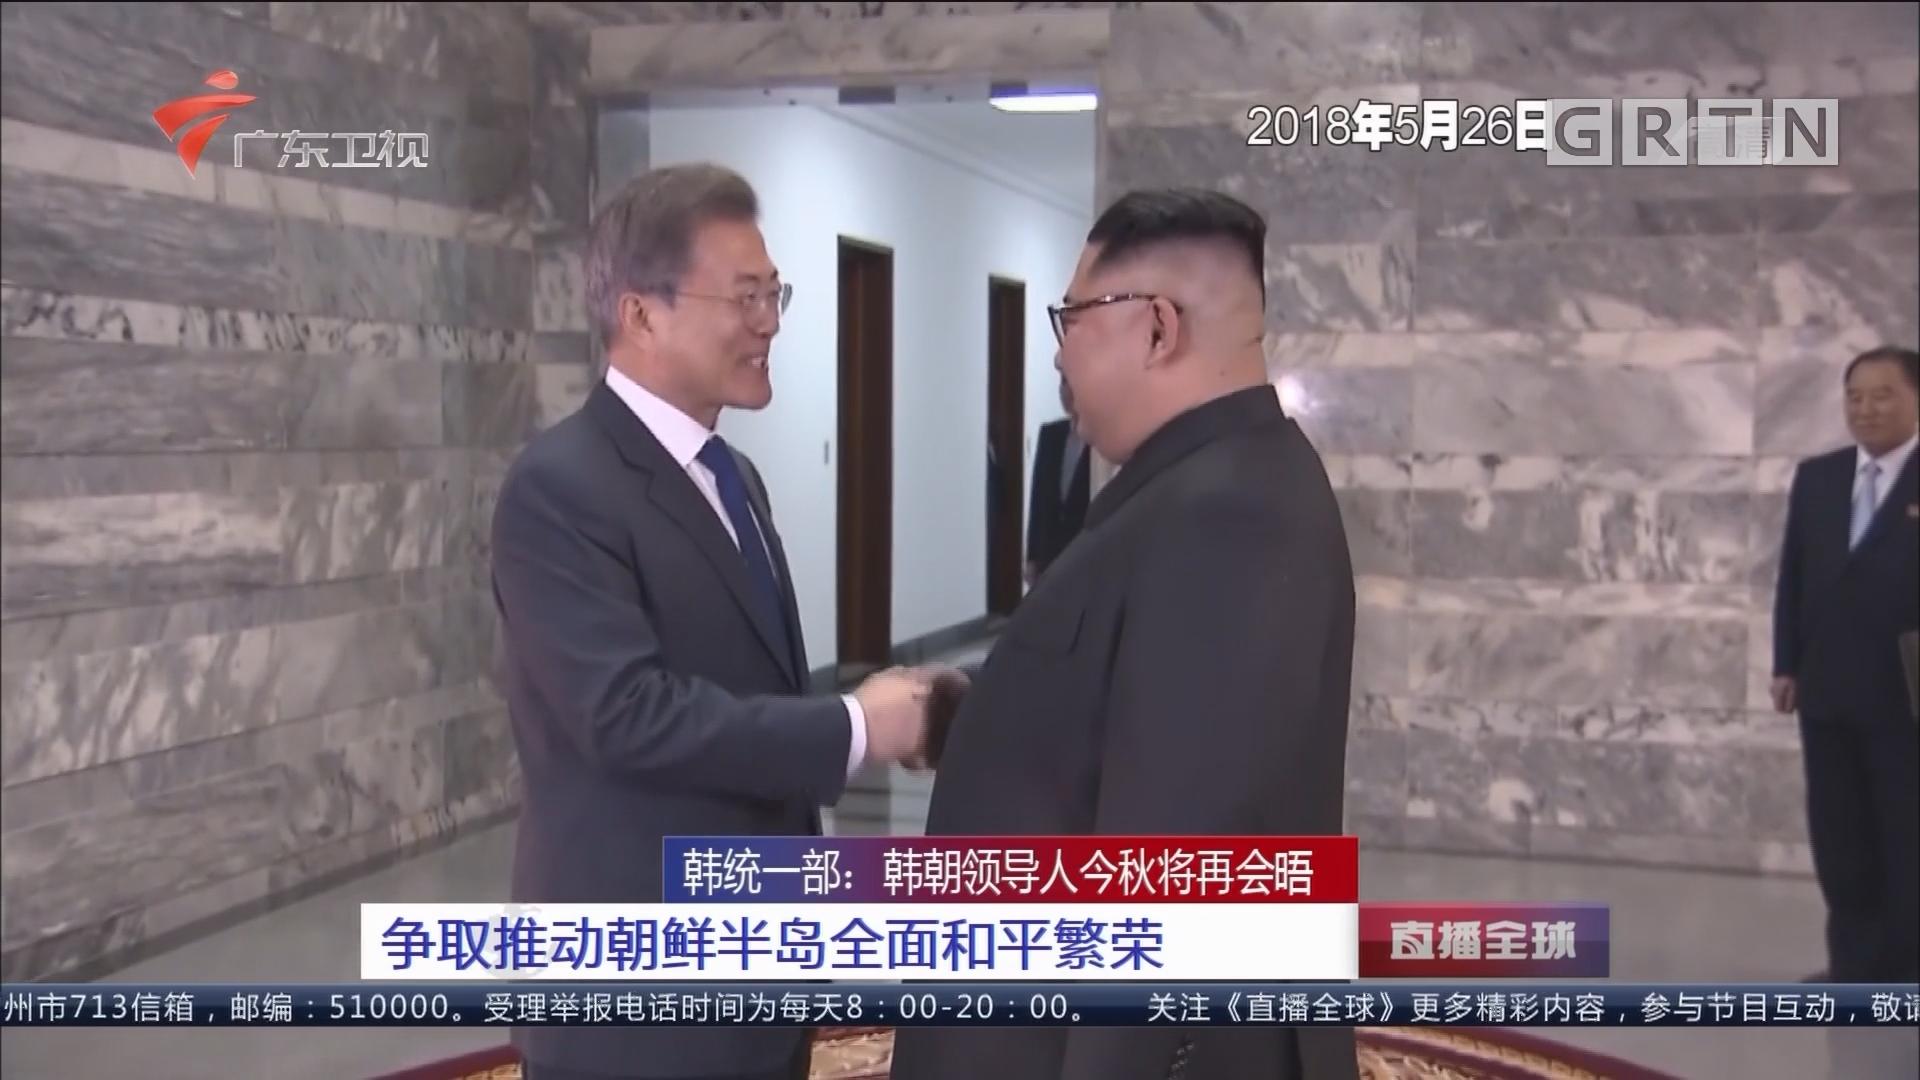 韩统一部:韩朝领导人今秋将再会晤 争取推动朝鲜半岛全面和平繁荣